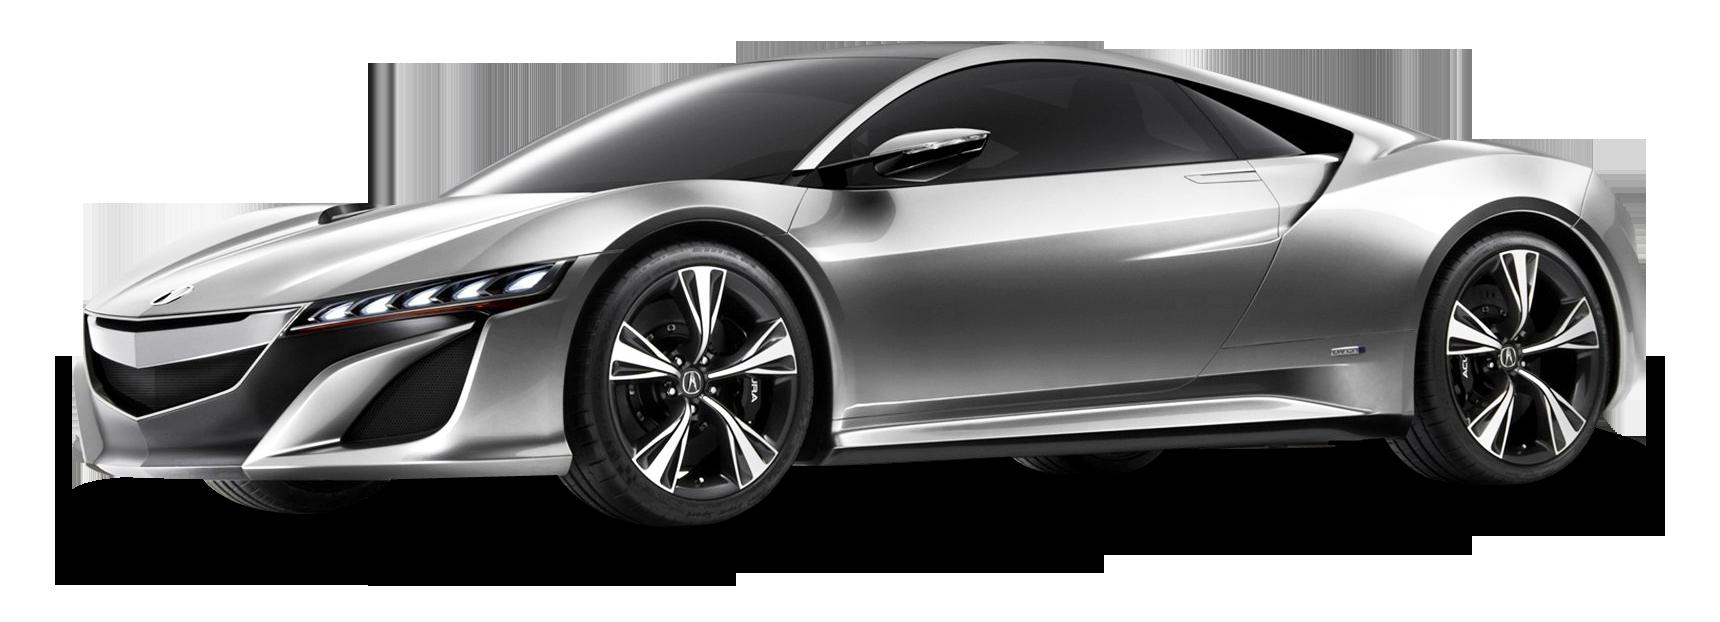 Acura NSX Gray Car